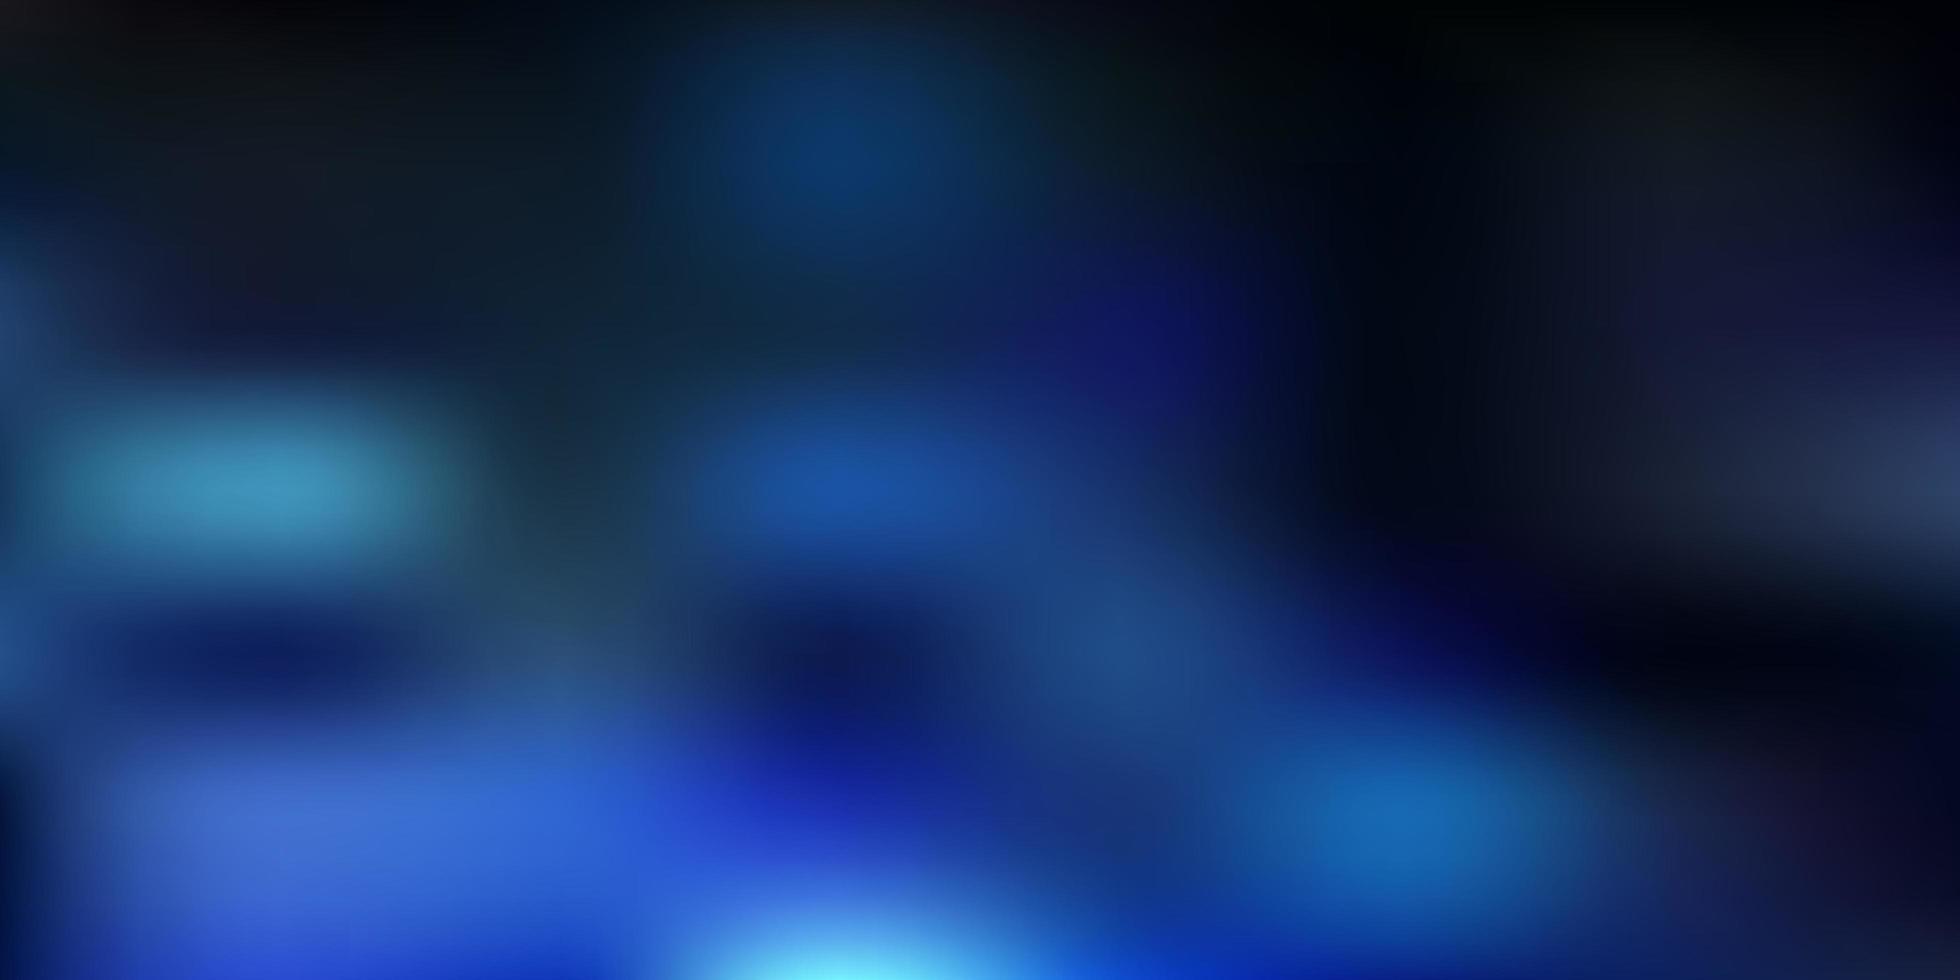 ljusblå vektor abstrakt oskärpa mönster